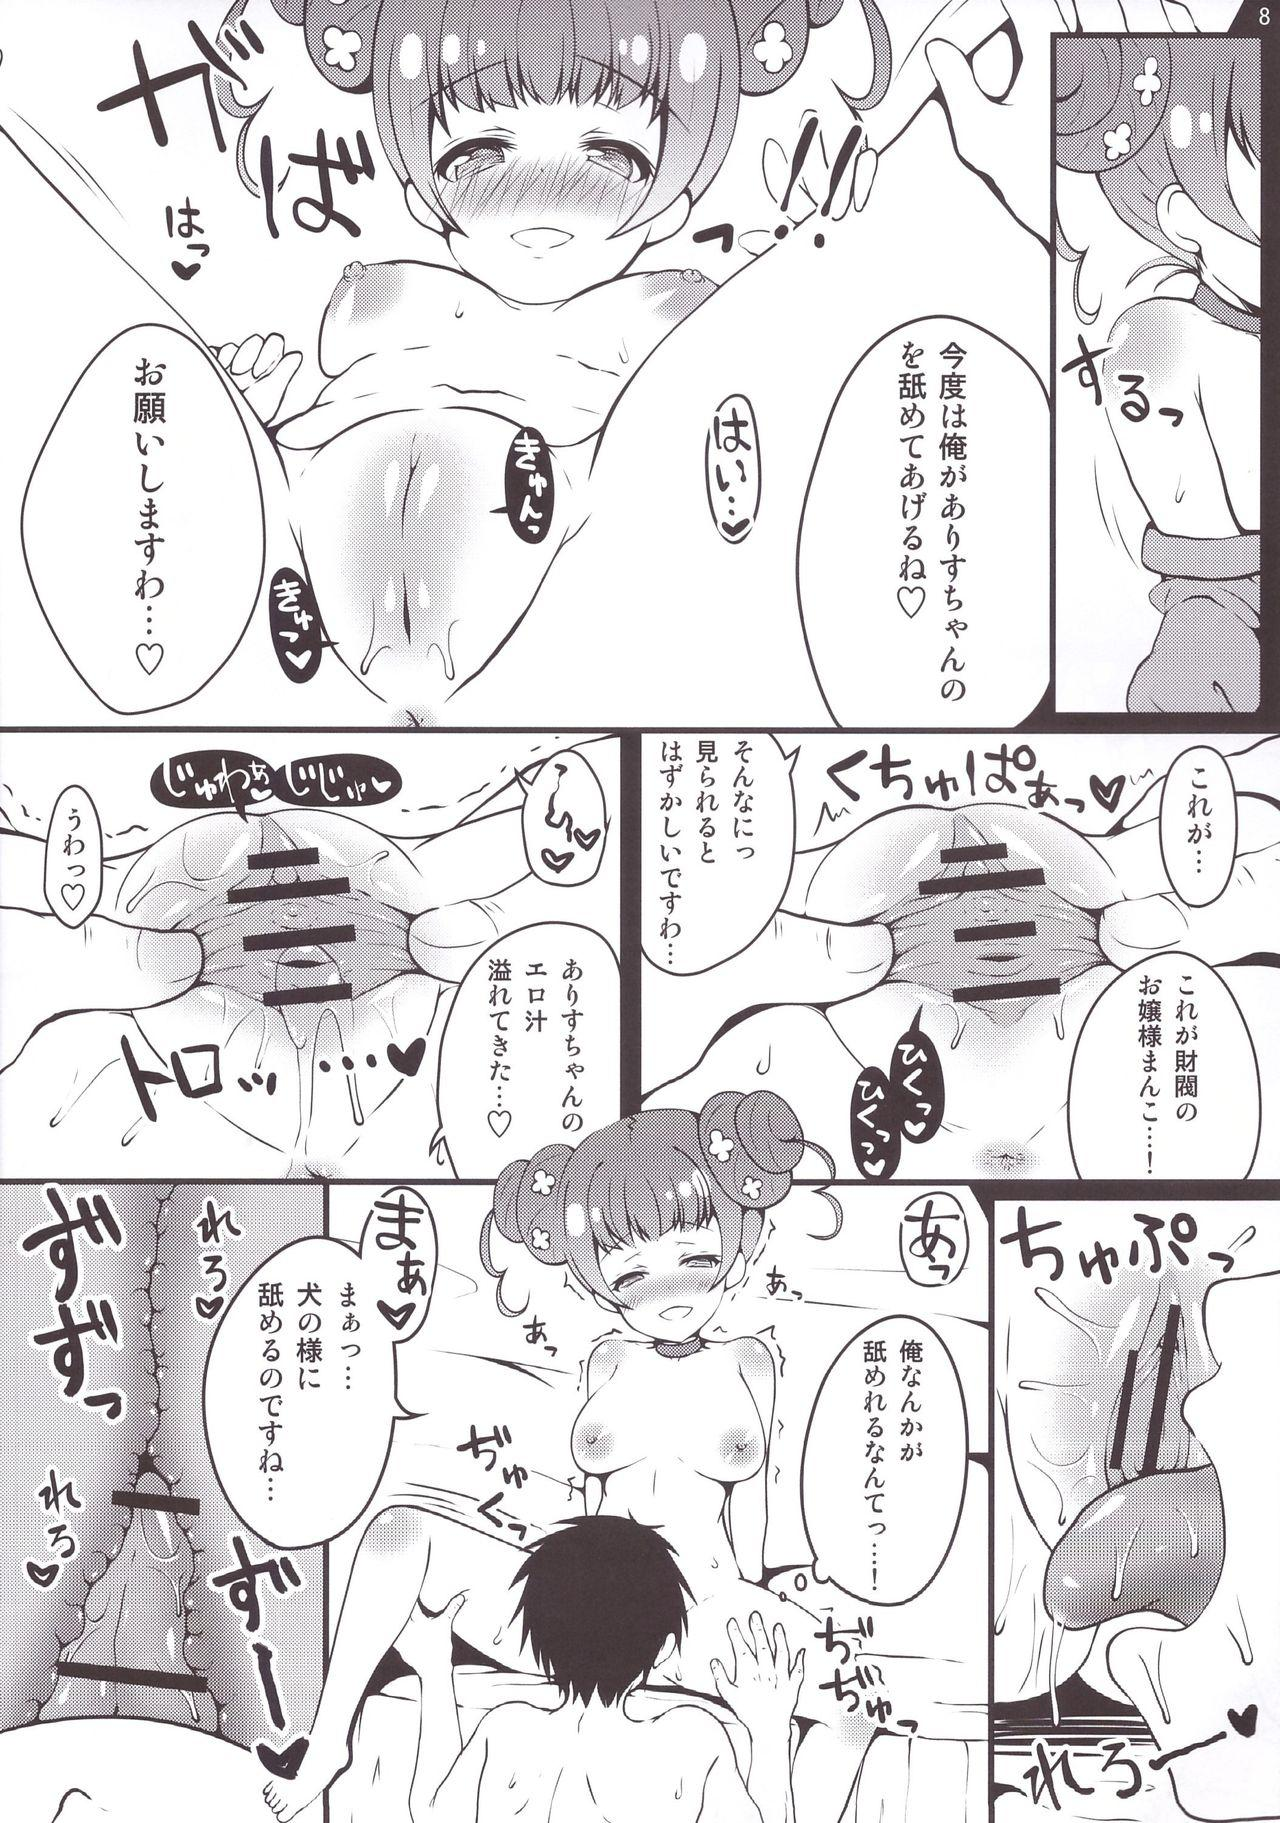 Arisu-chan to dokidoki shitai! 9